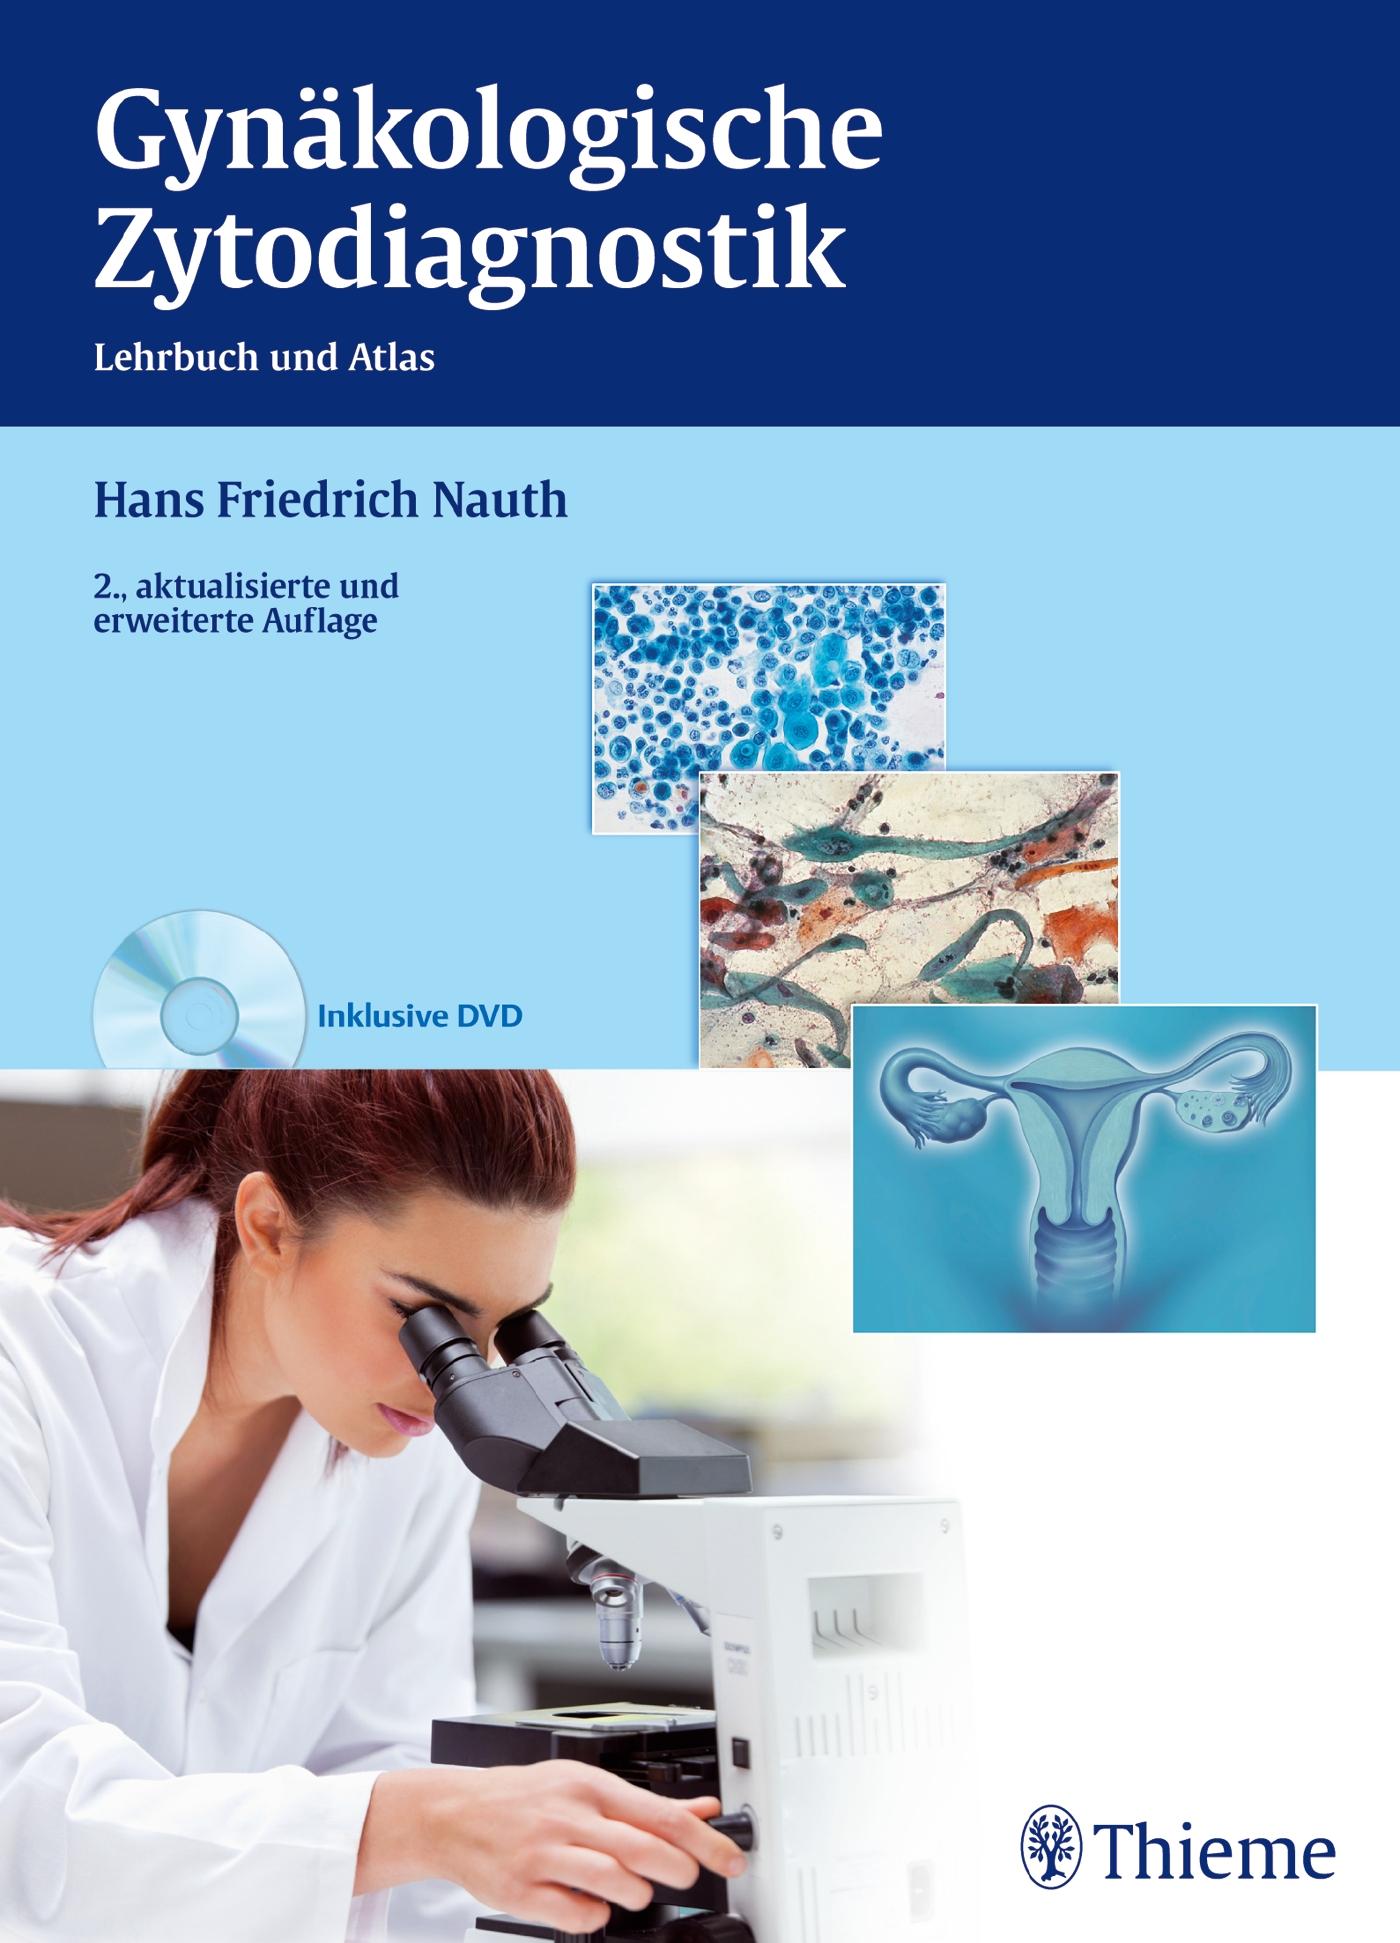 Gynäkologische Zytodiagnostik: Lehrbuch und Atlas - Hans Friedrich Nauth [Gebundene Ausgabe, 2. Auflage 2013, mit DVD]